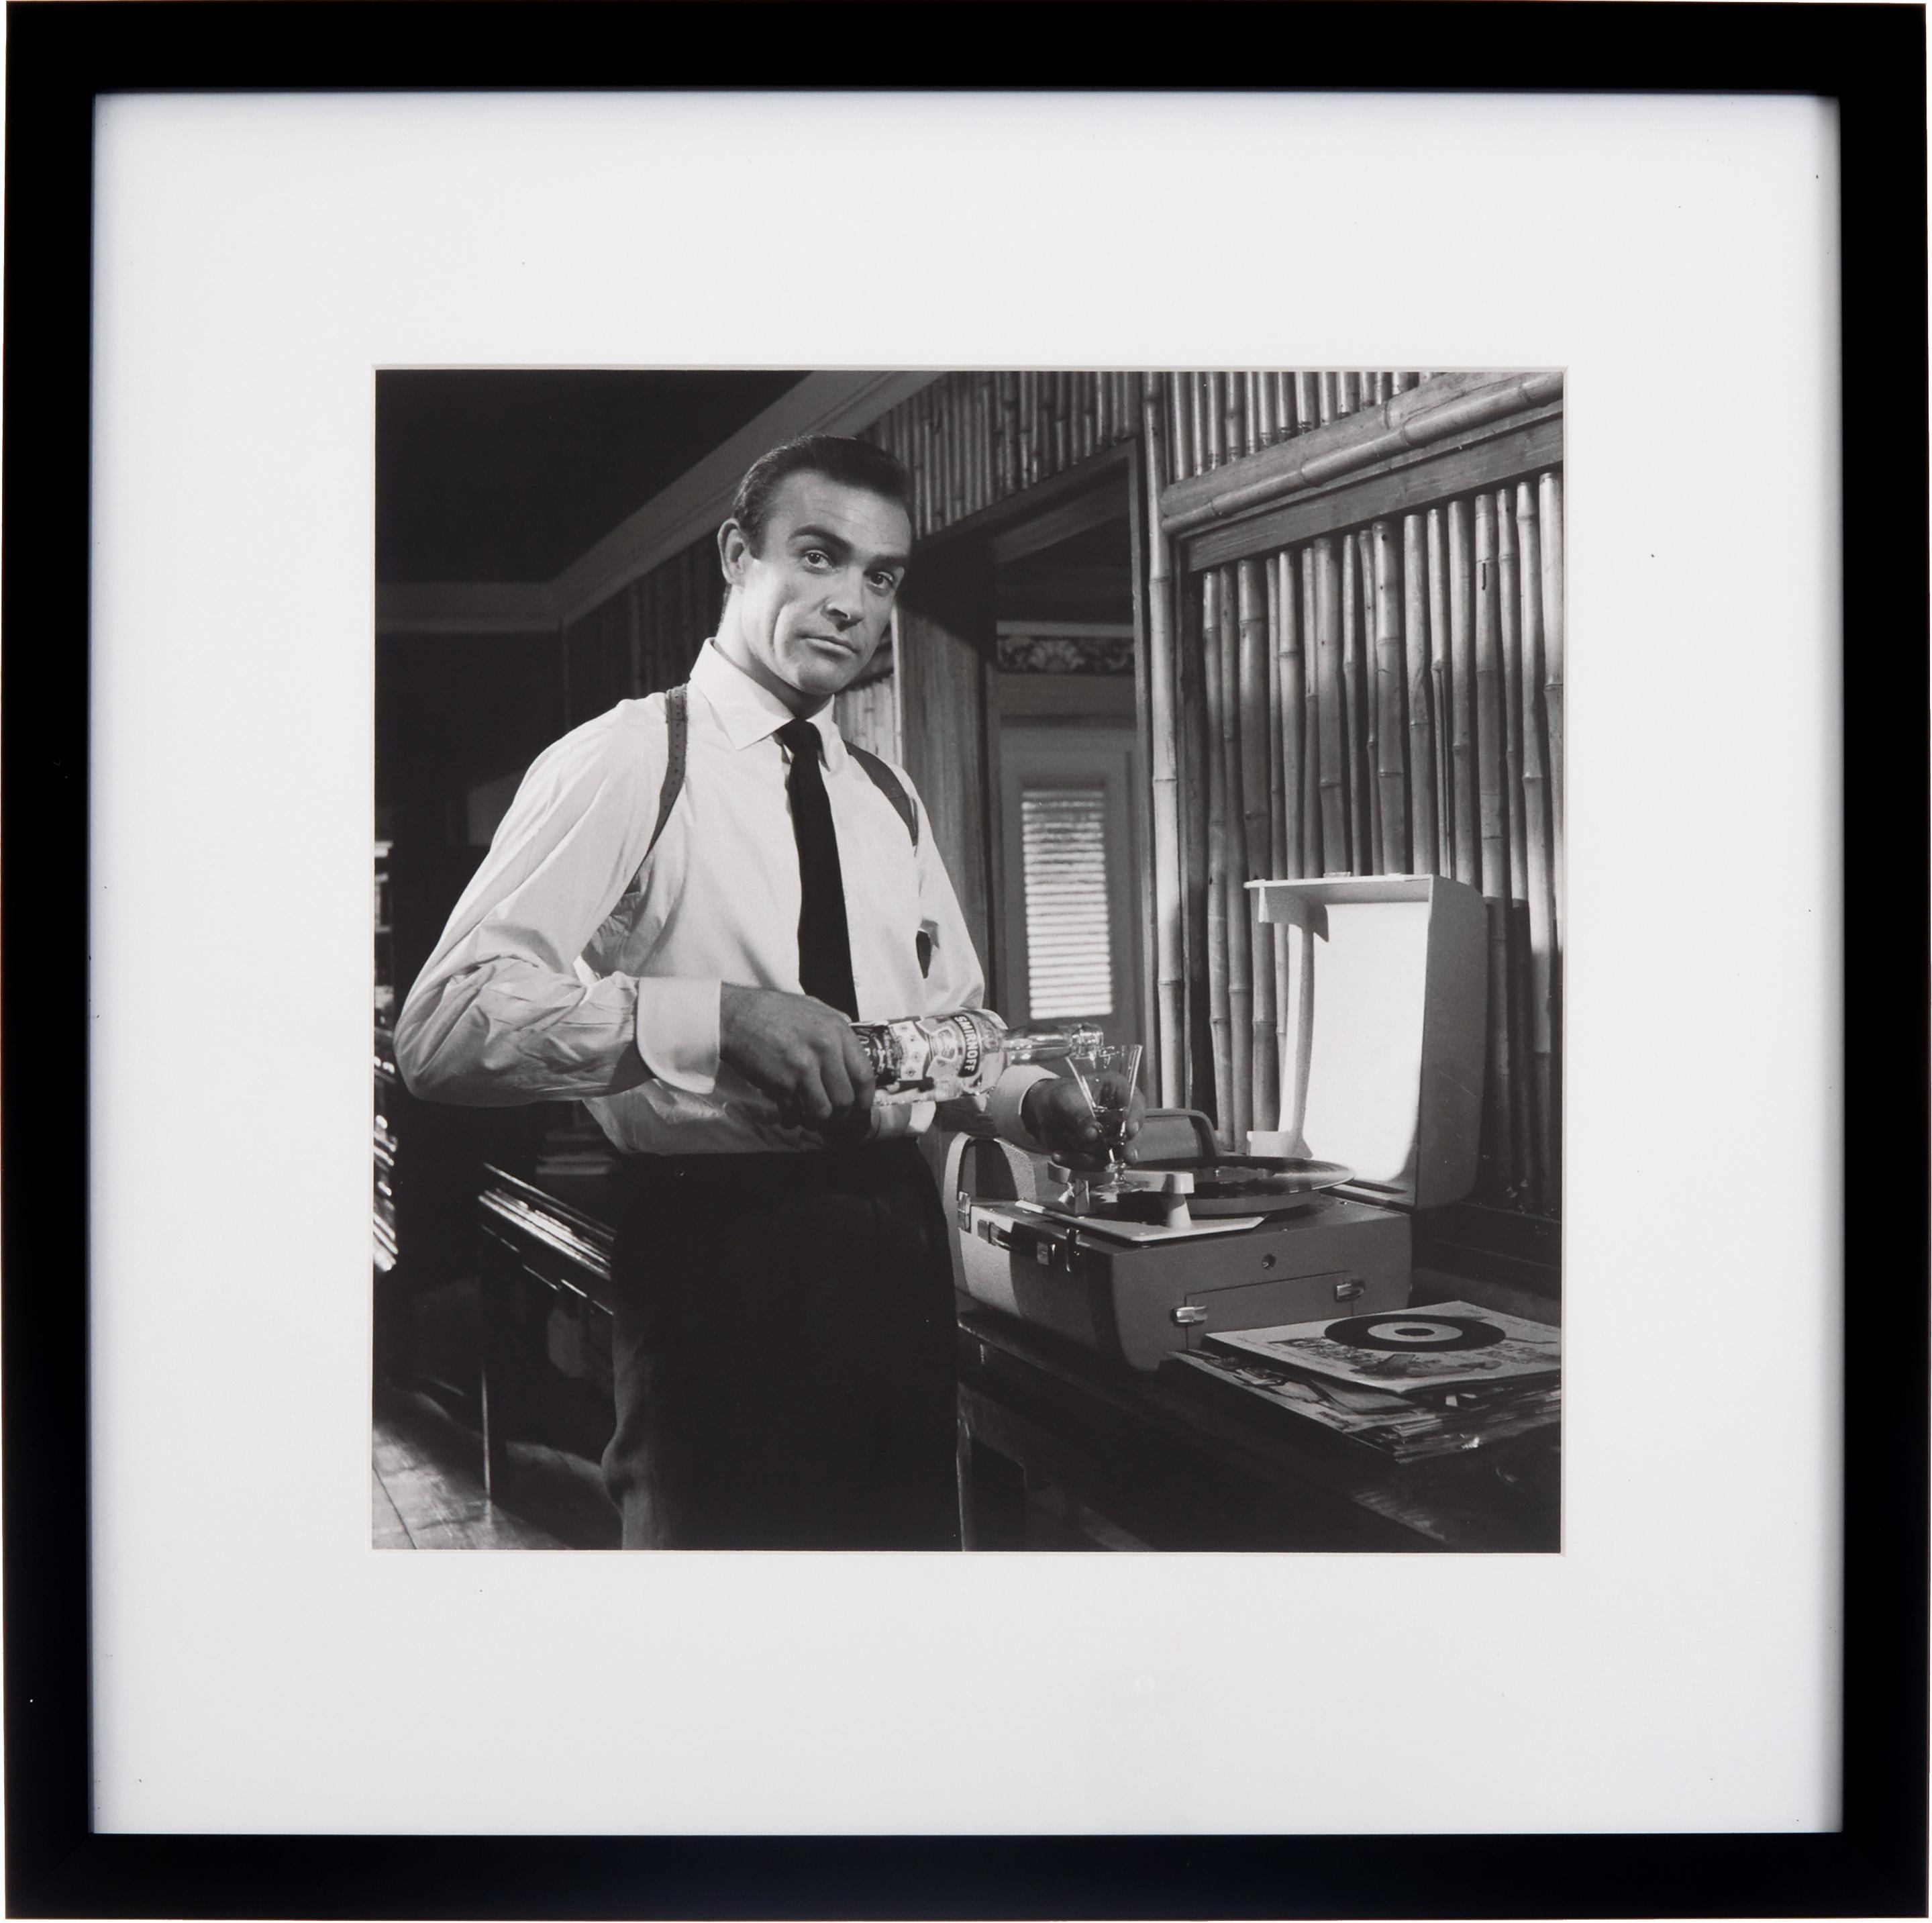 Gerahmter Digitaldruck Connery, Bild: Digitaldruck, Rahmen: Kunststoff, Front: Glas, Bild: Schwarz, Weiss<br>Rahmen: Schwarz, 40 x 40 cm